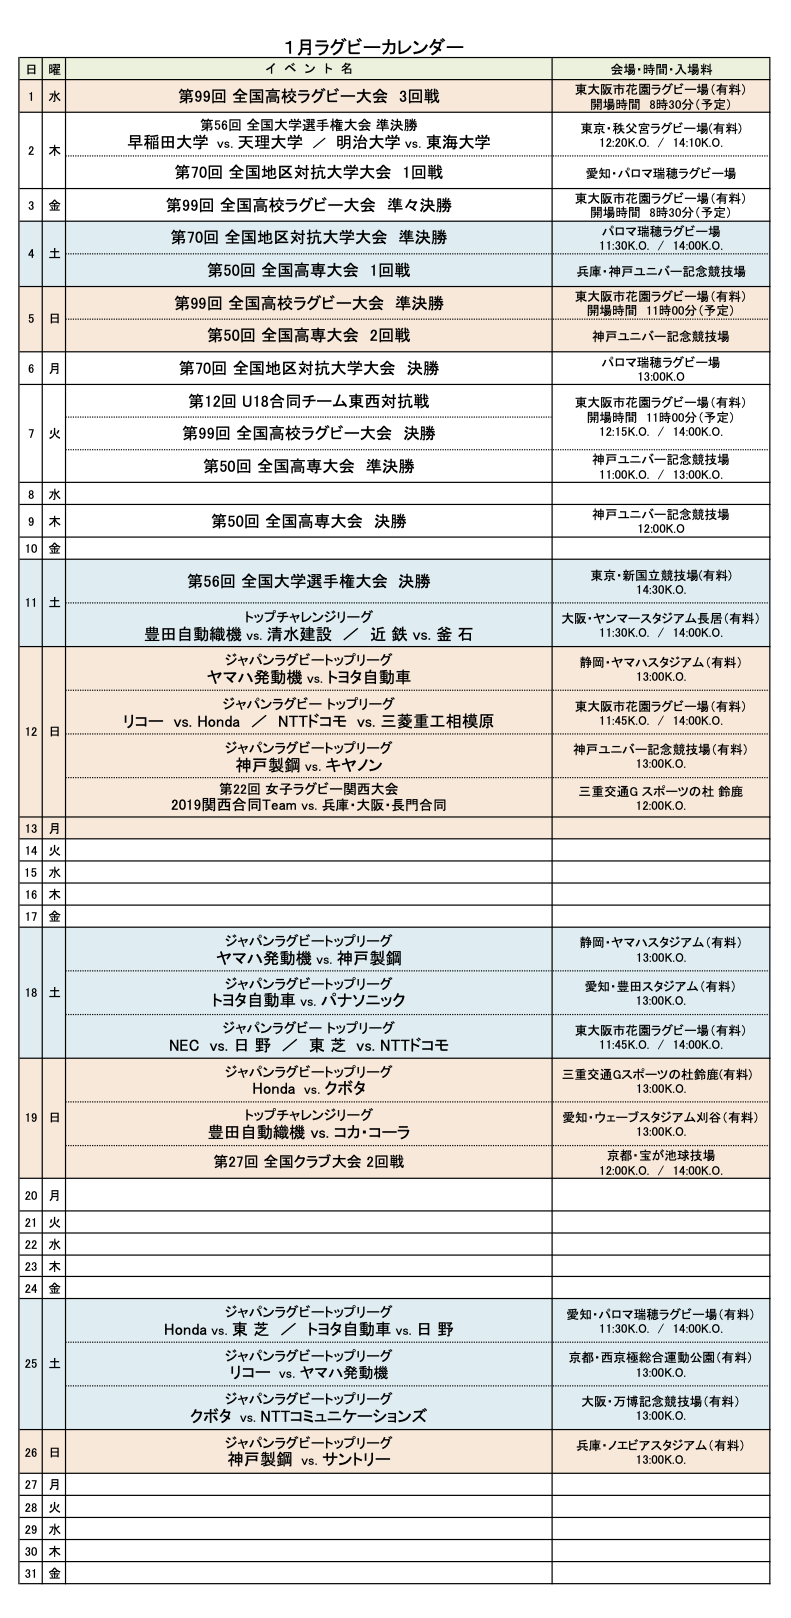 2020 トヨタ 自動車 カレンダー